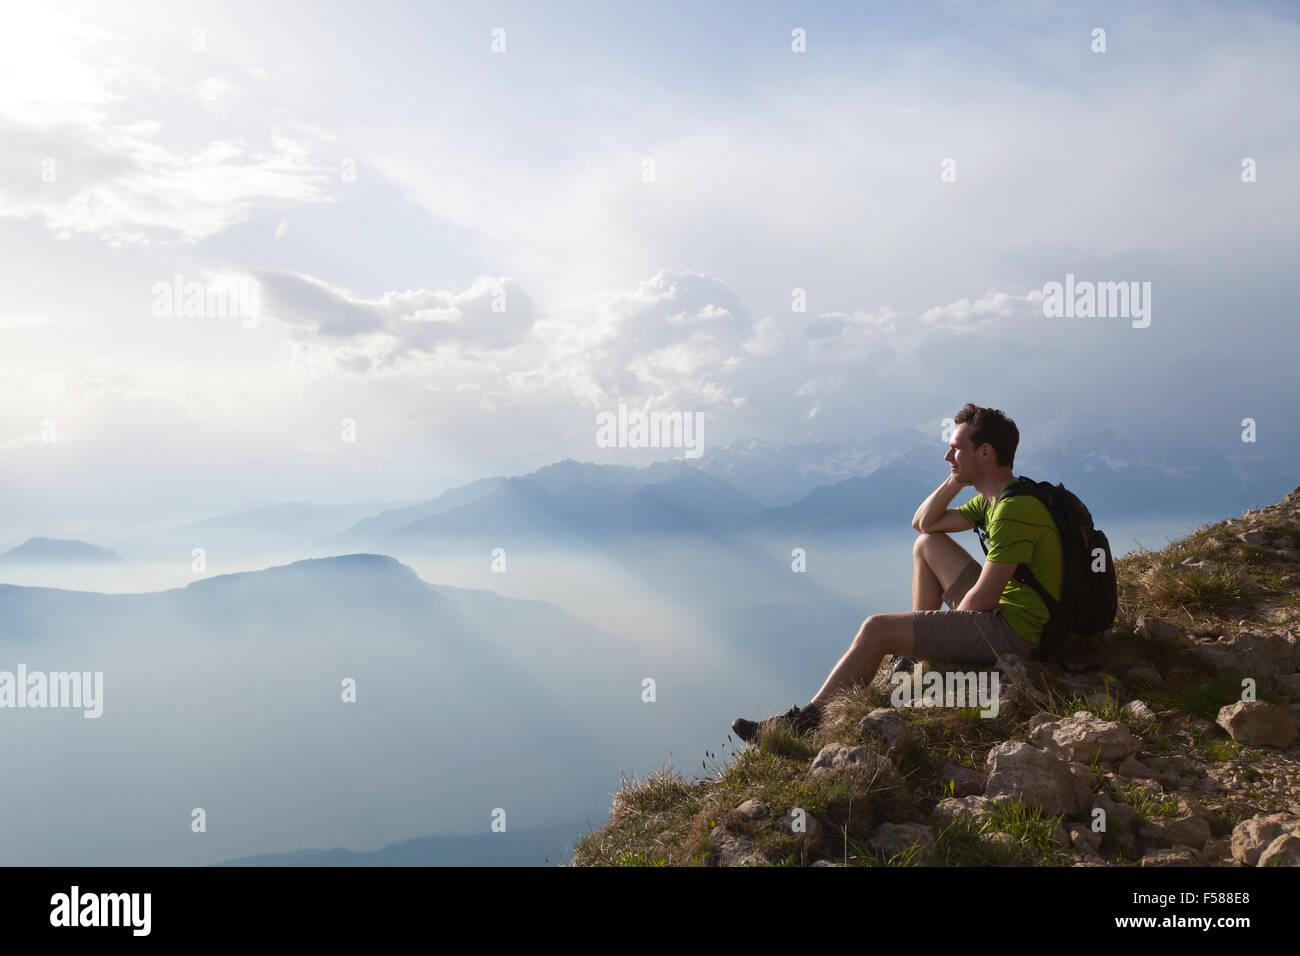 Traveler bénéficiant d'une vue panoramique au cours de la randonnée, de magnifiques paysages Photo Stock